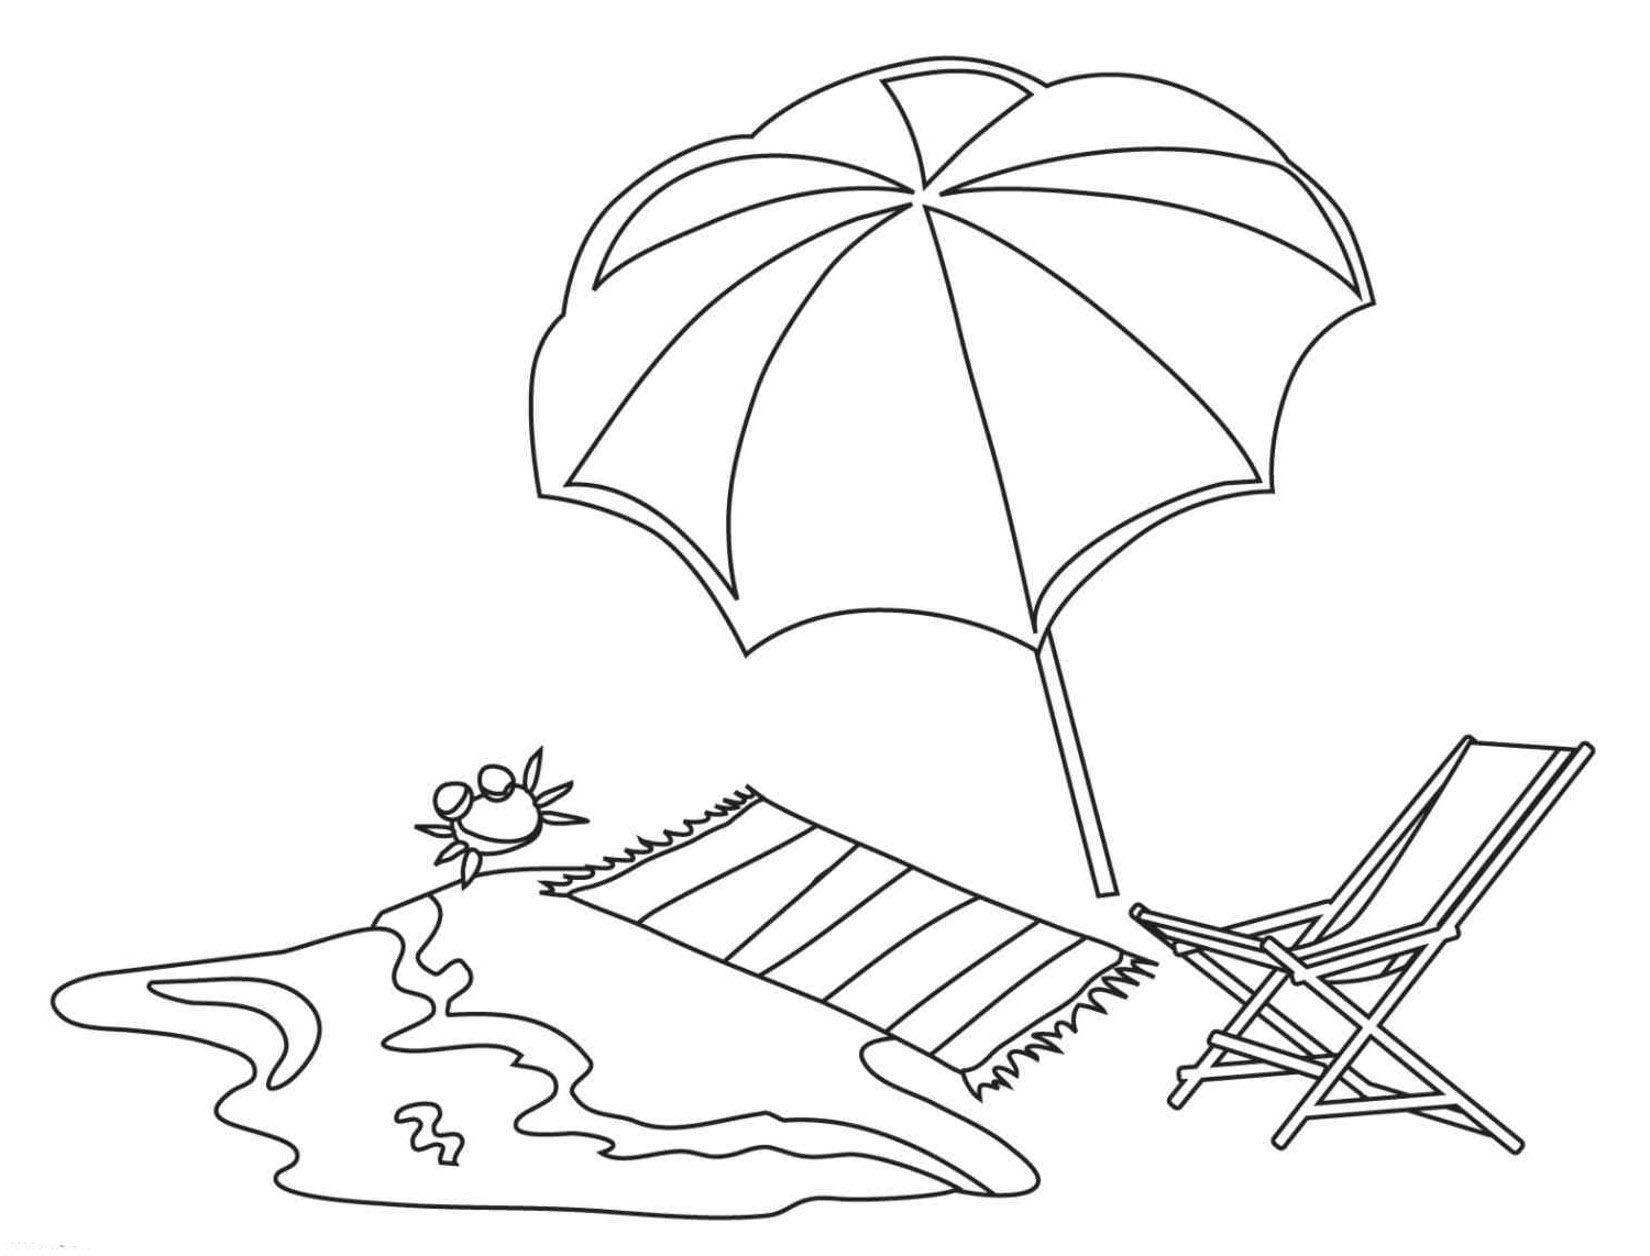 Dibujo Tumbona Playa Para Colorear Buscar Con Google Playa Para Colorear Playa Para Dibujar Imagenes De Playas